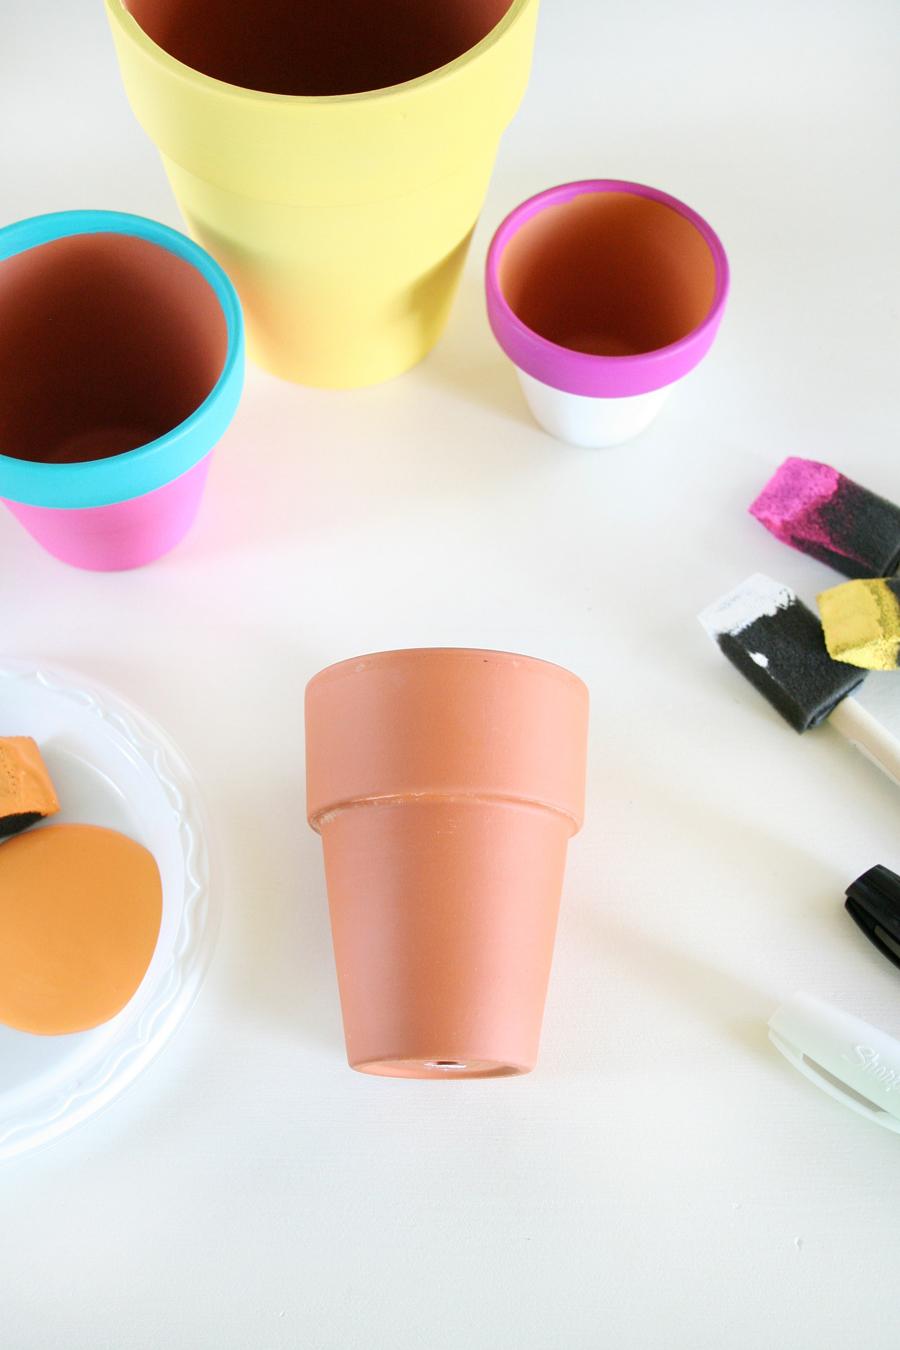 fabriquer un diy pot de fleur soi meme, des pots en terre cuite customisés à la peinture acrylique, motif fruit tropical, activité créative adulte